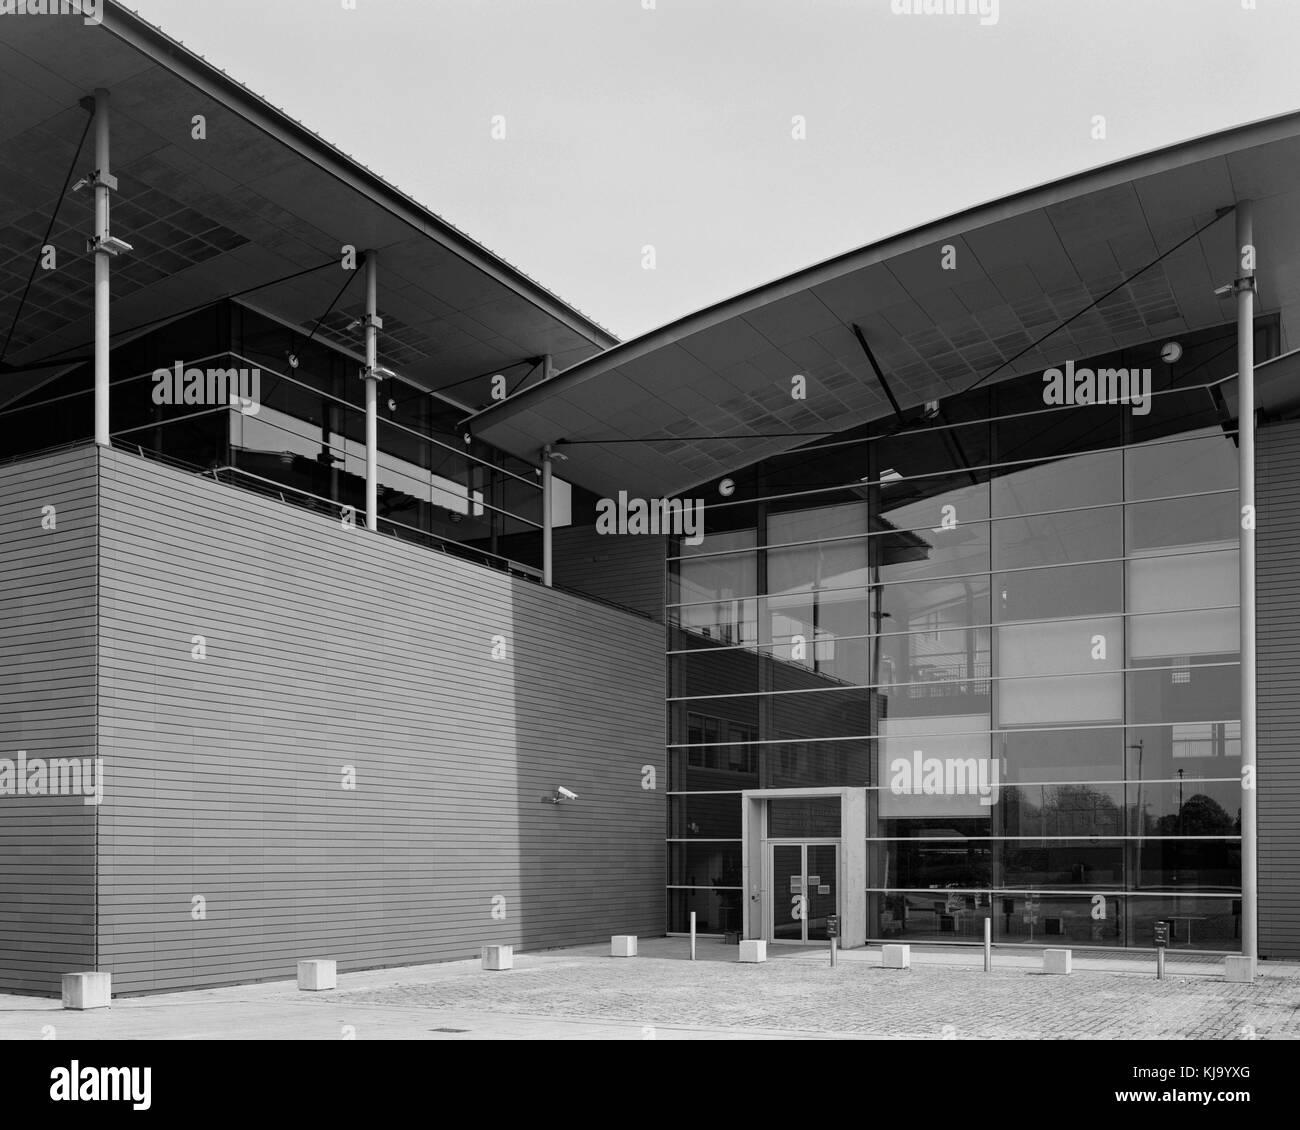 Cambridge University Roger Needham Building on the West Cambridge Site - Stock Image